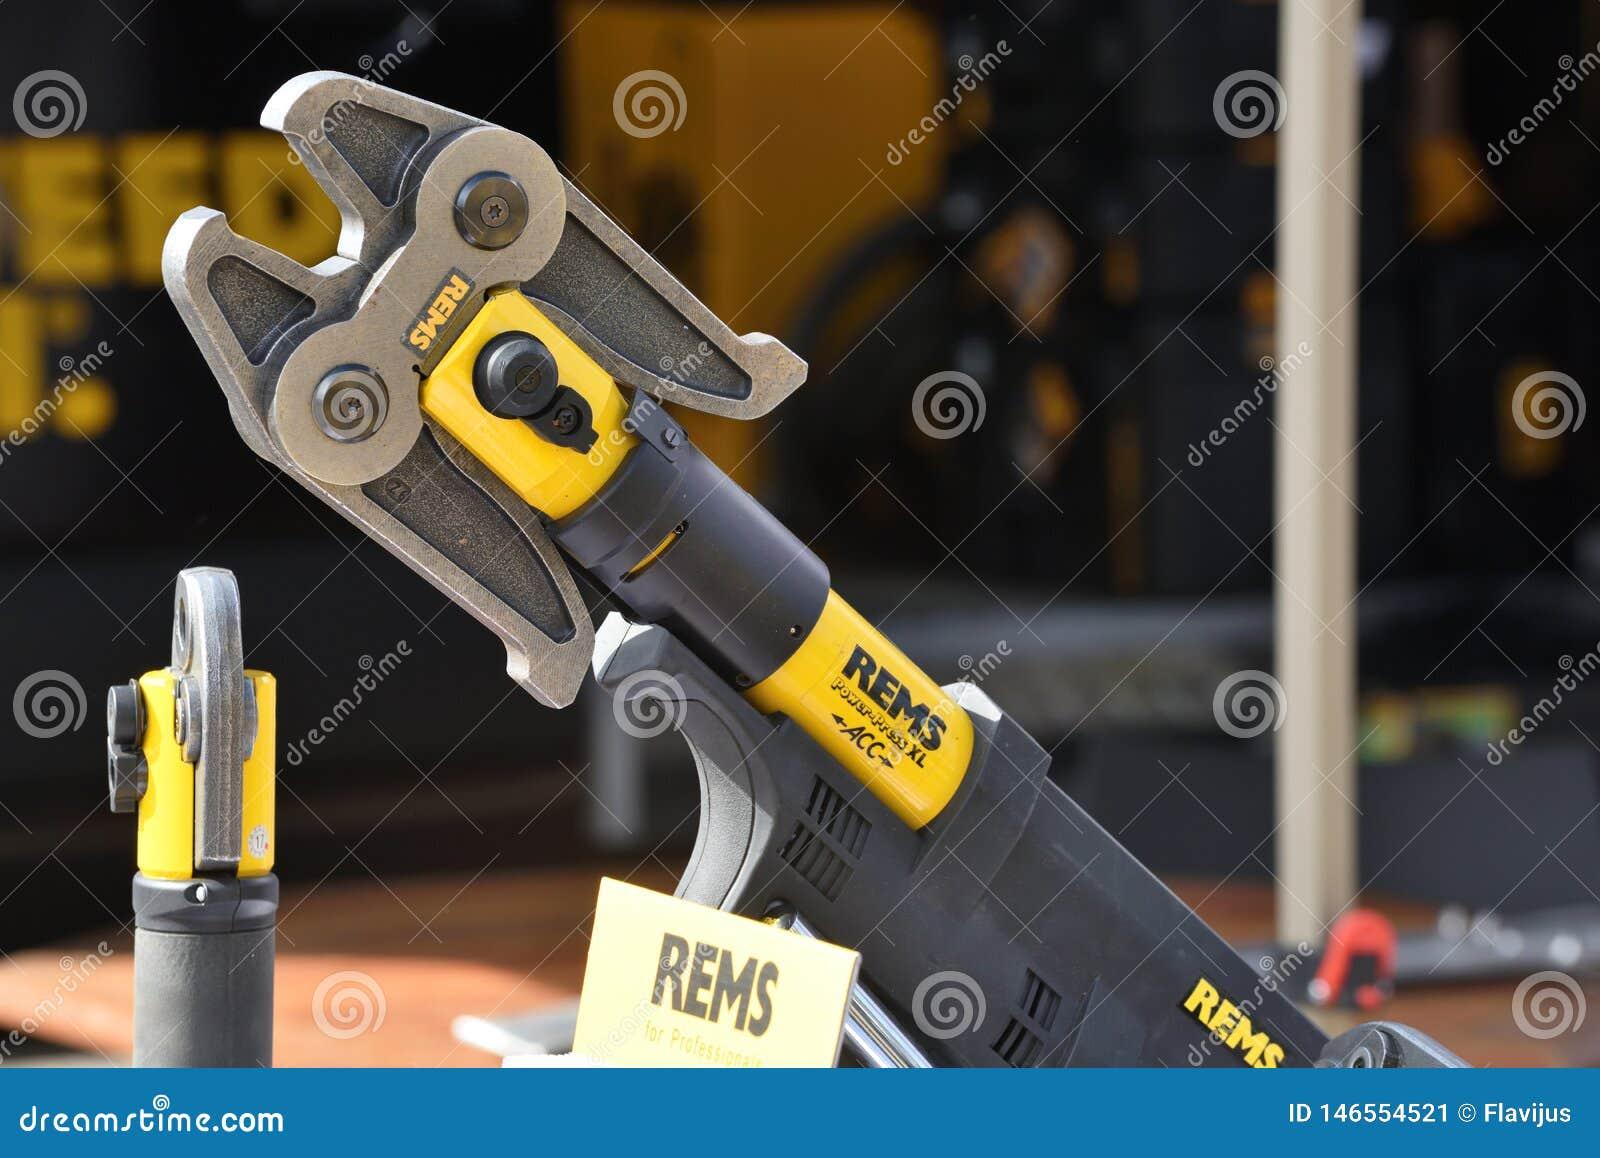 Les rems des machines-outils